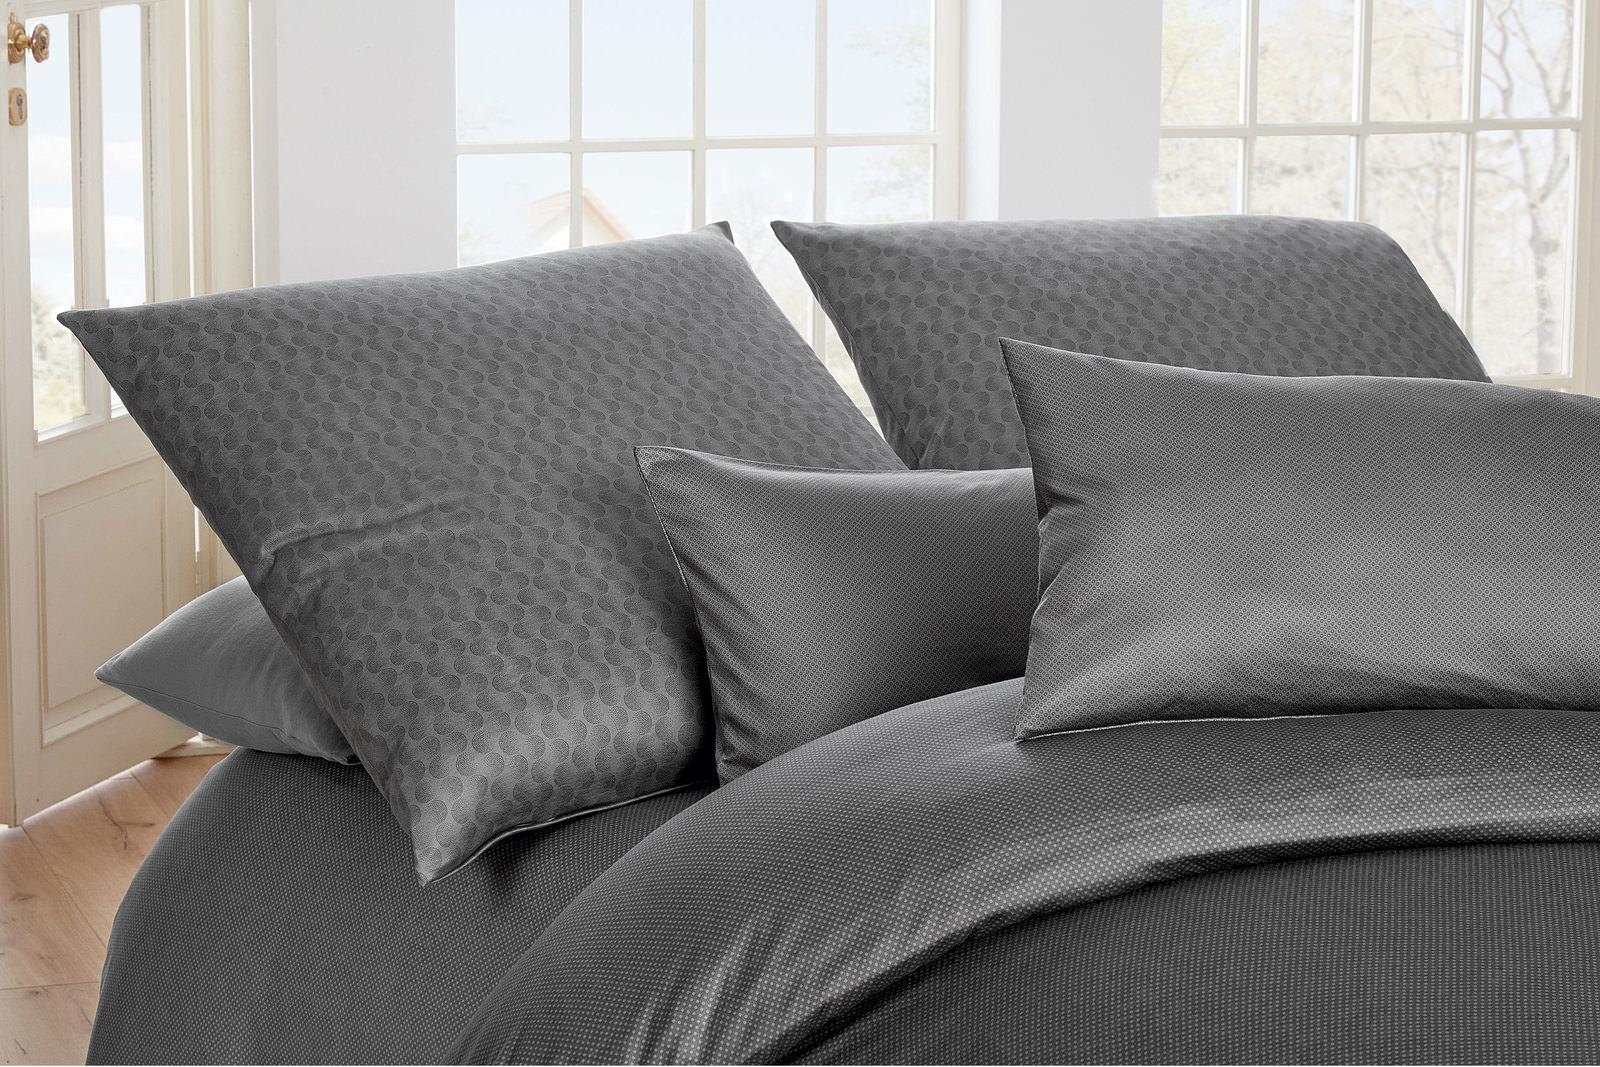 estella interlock jersey bettw sche online entdecken. Black Bedroom Furniture Sets. Home Design Ideas